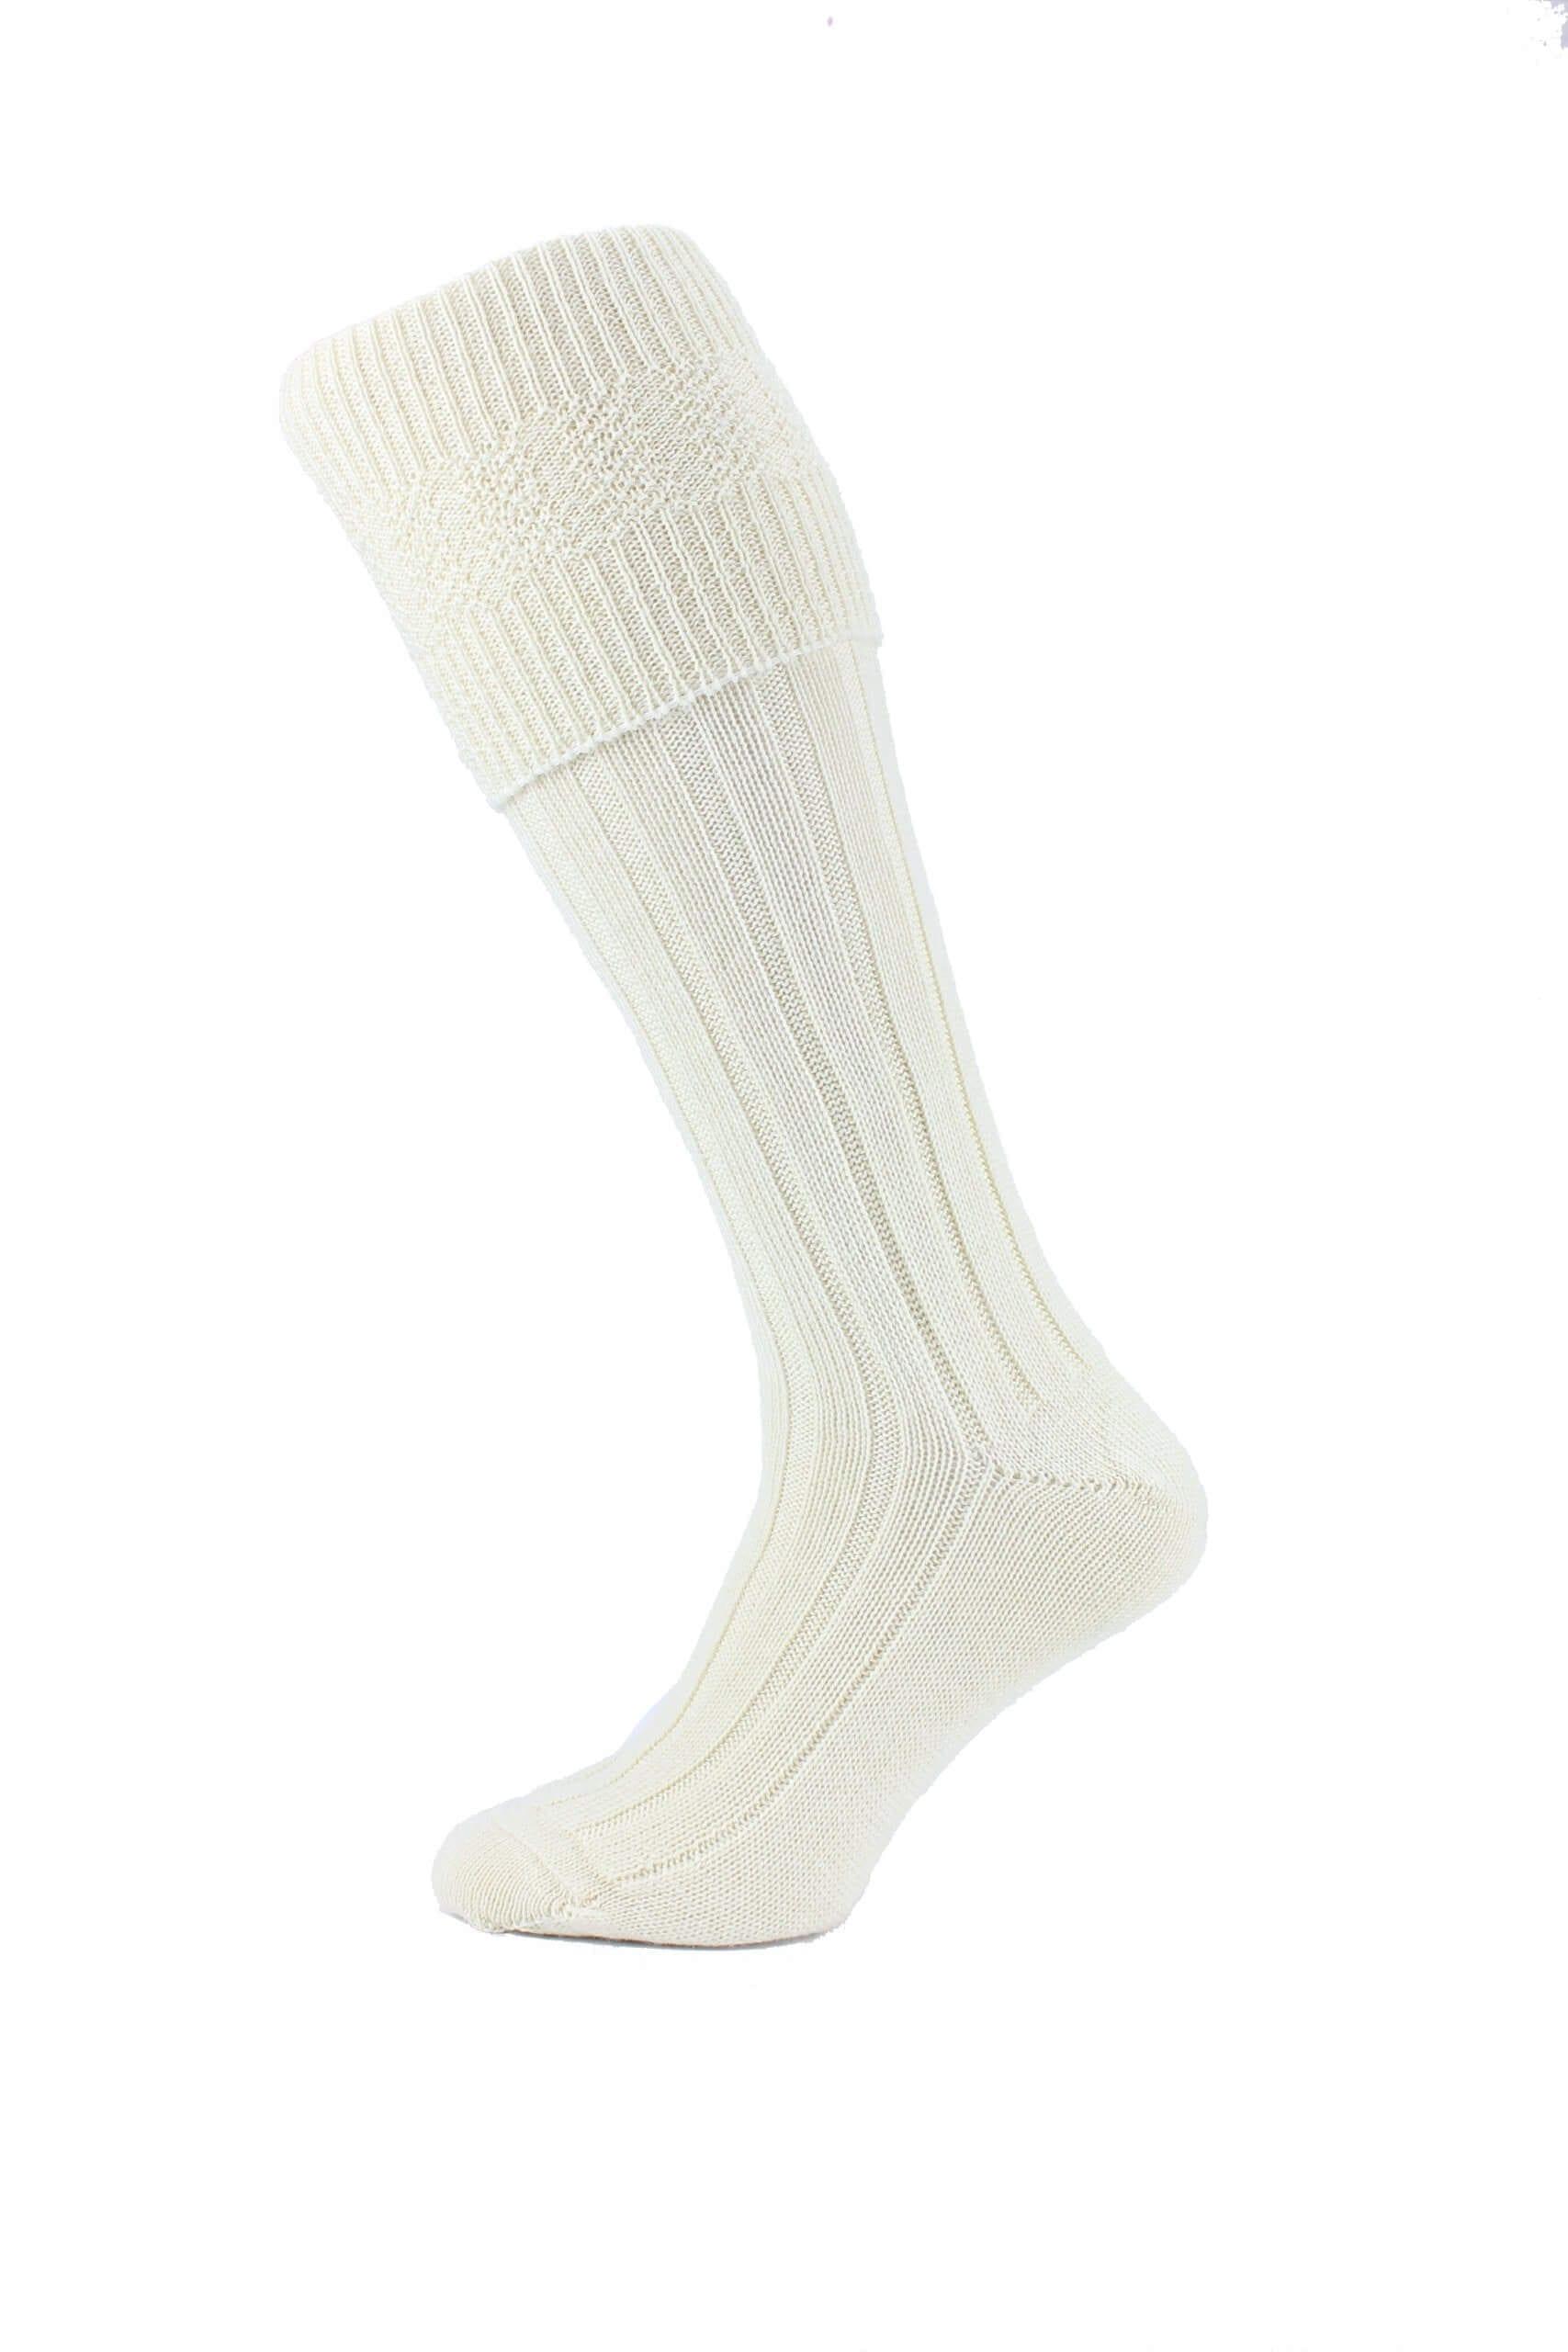 Wool Mix Premium Lovat Kilt Socks 6-7.5